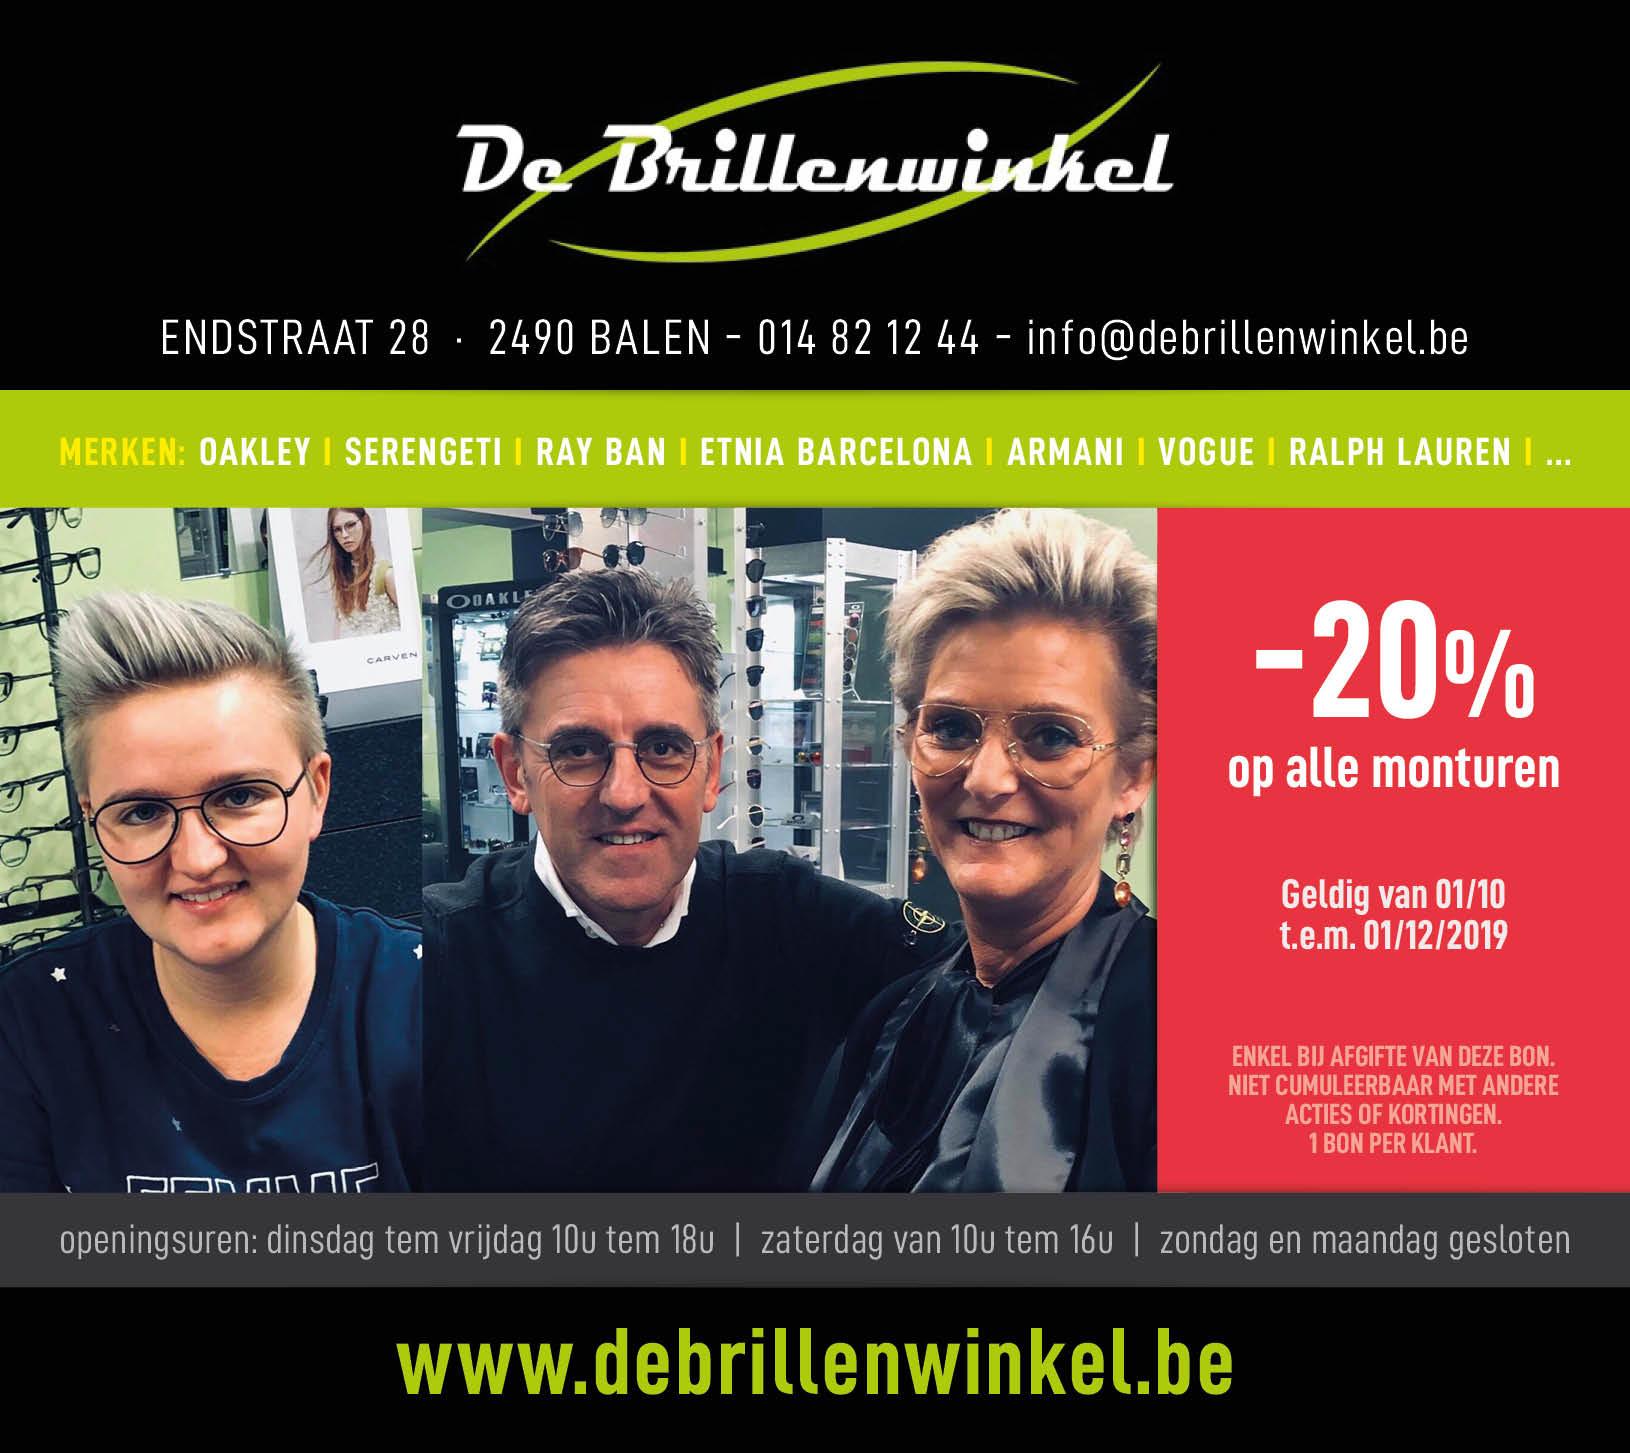 debrillenwinkel_balen_sept_2019.jpg